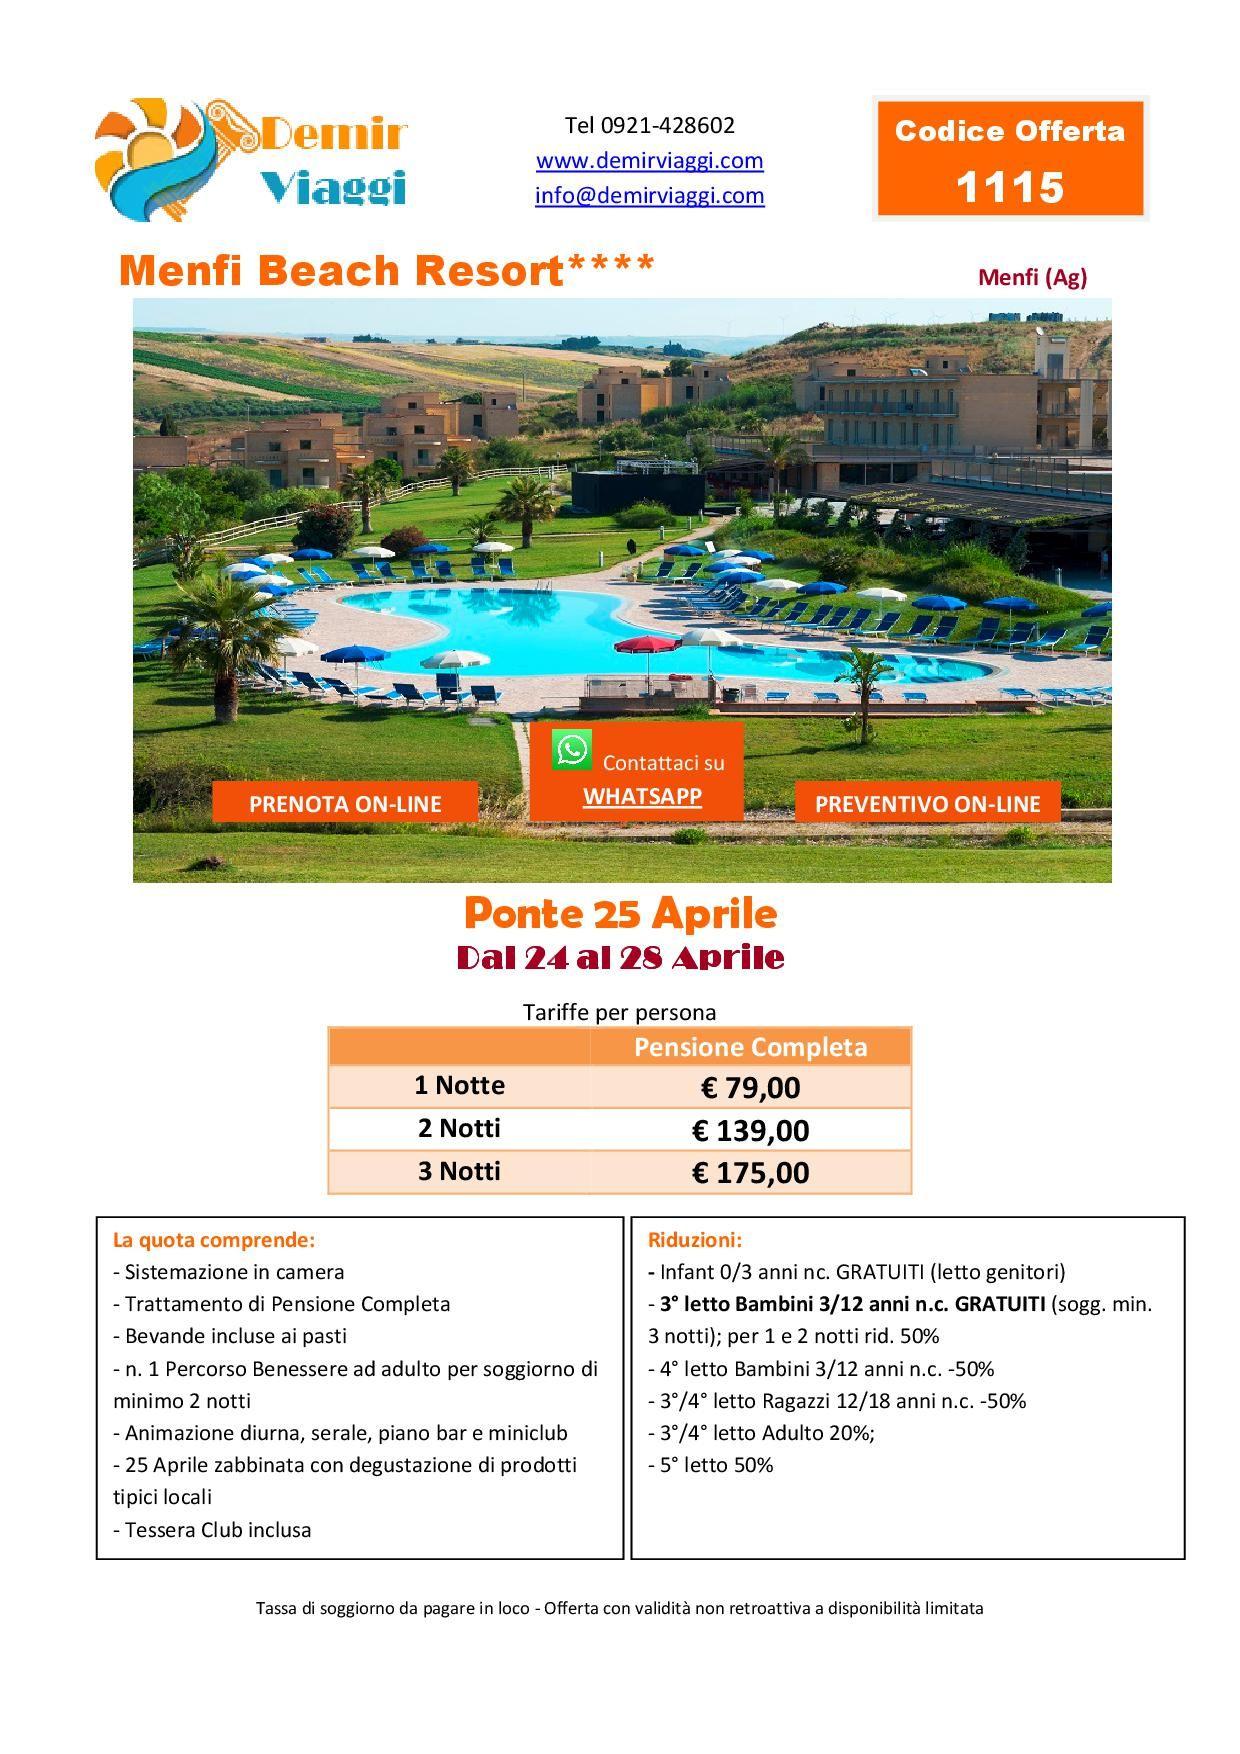 Menfi Beach Resort**** - Menfi (Ag) #Ponte25Aprile 2019 Per ...